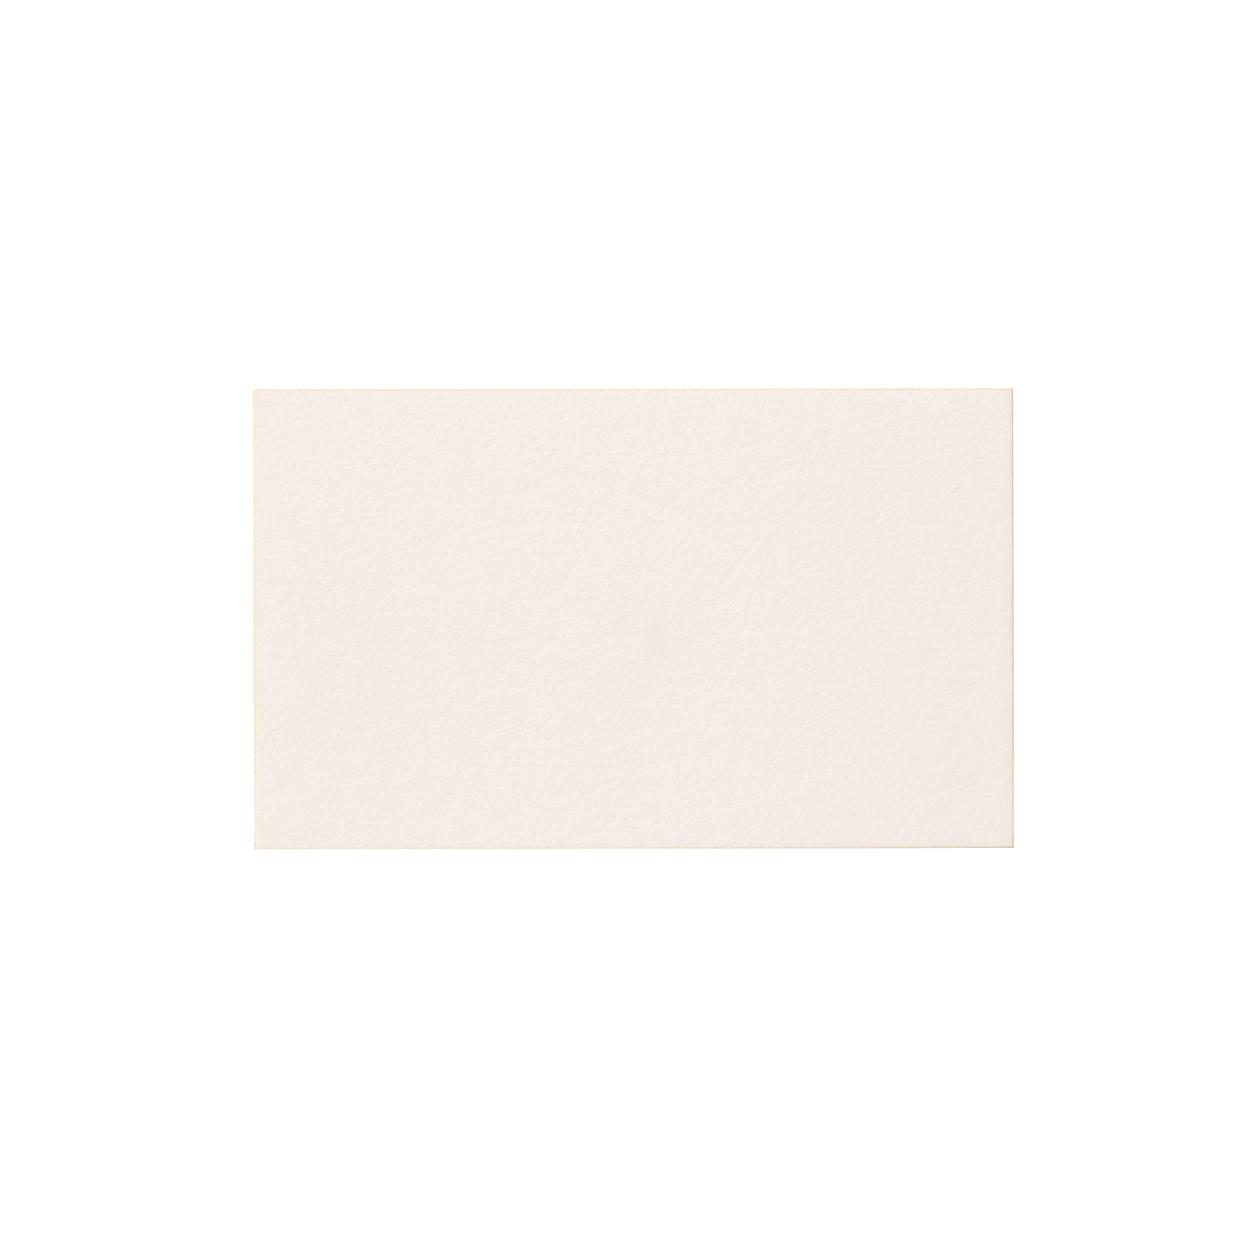 ネームカード エッジカラー カナリア 348.8g